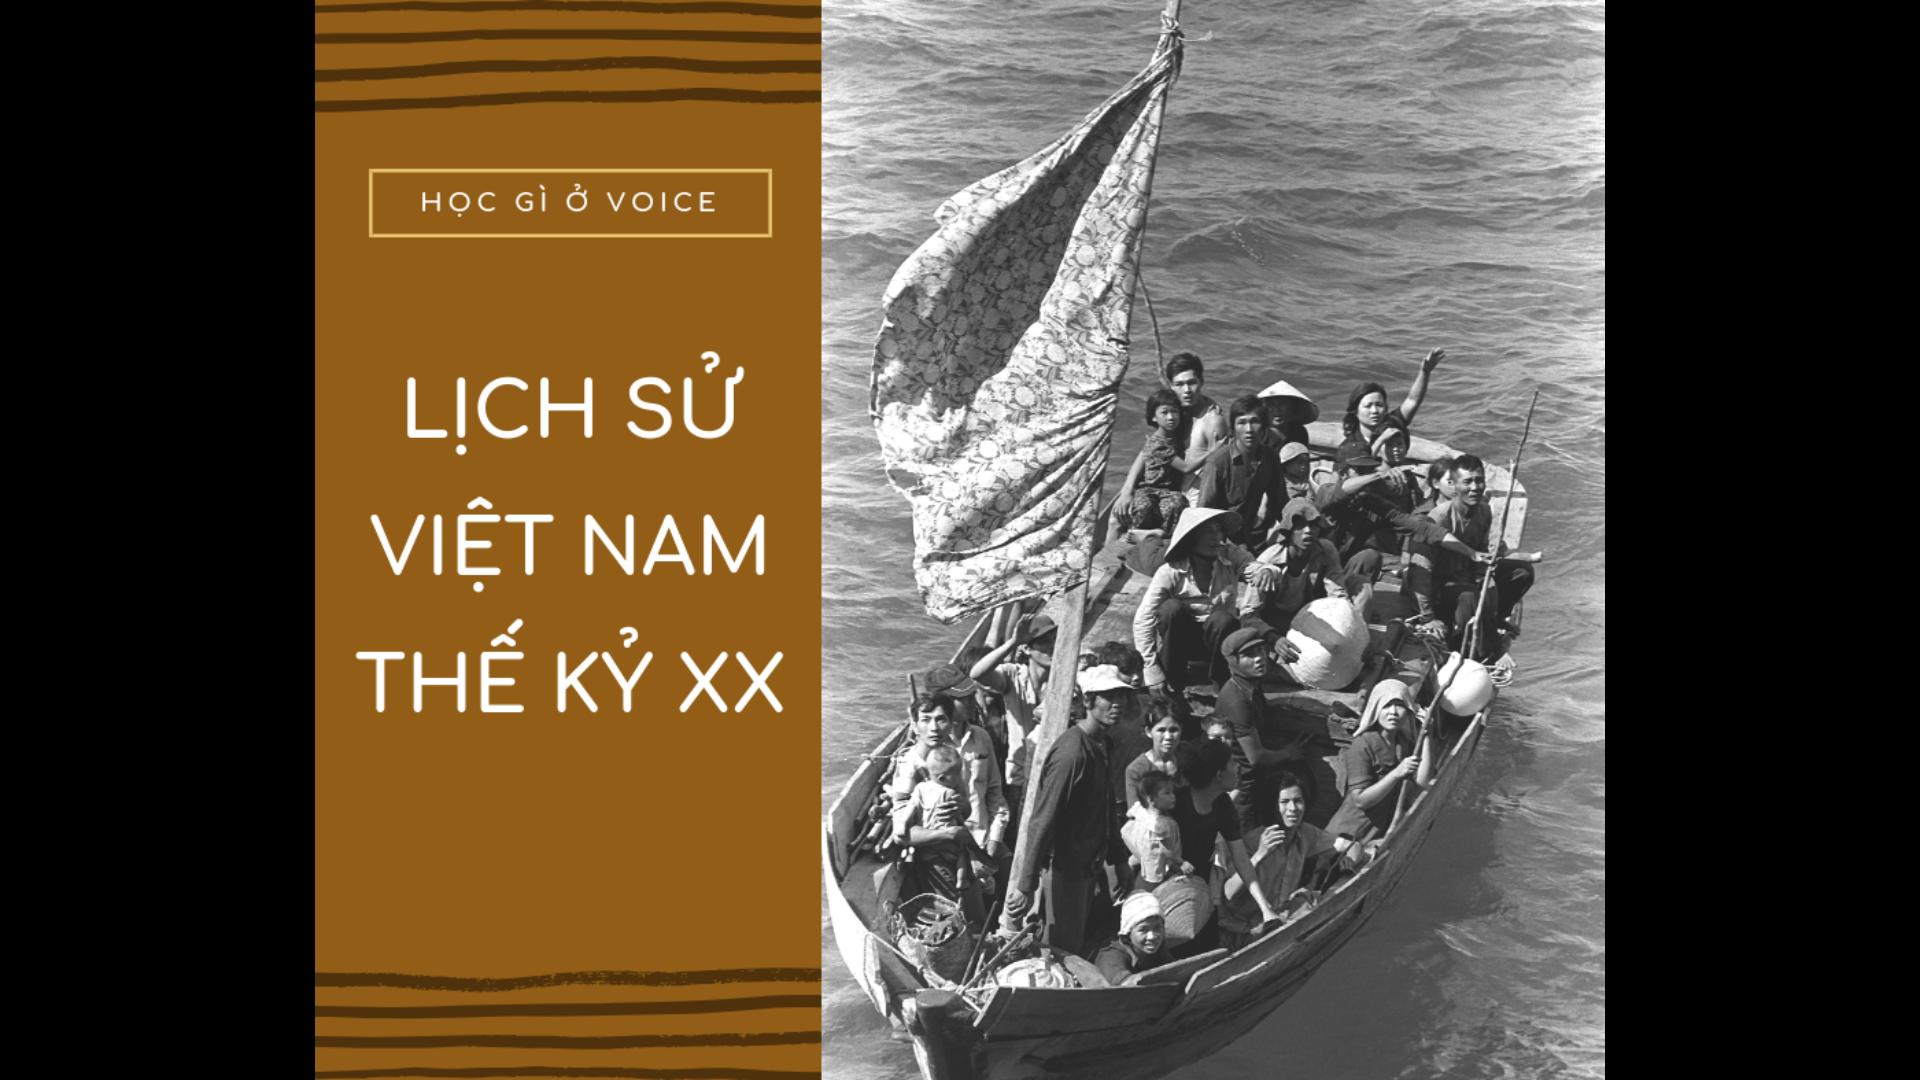 Học gì ở VOICE: Lịch sử Việt Nam thế kỷ XX